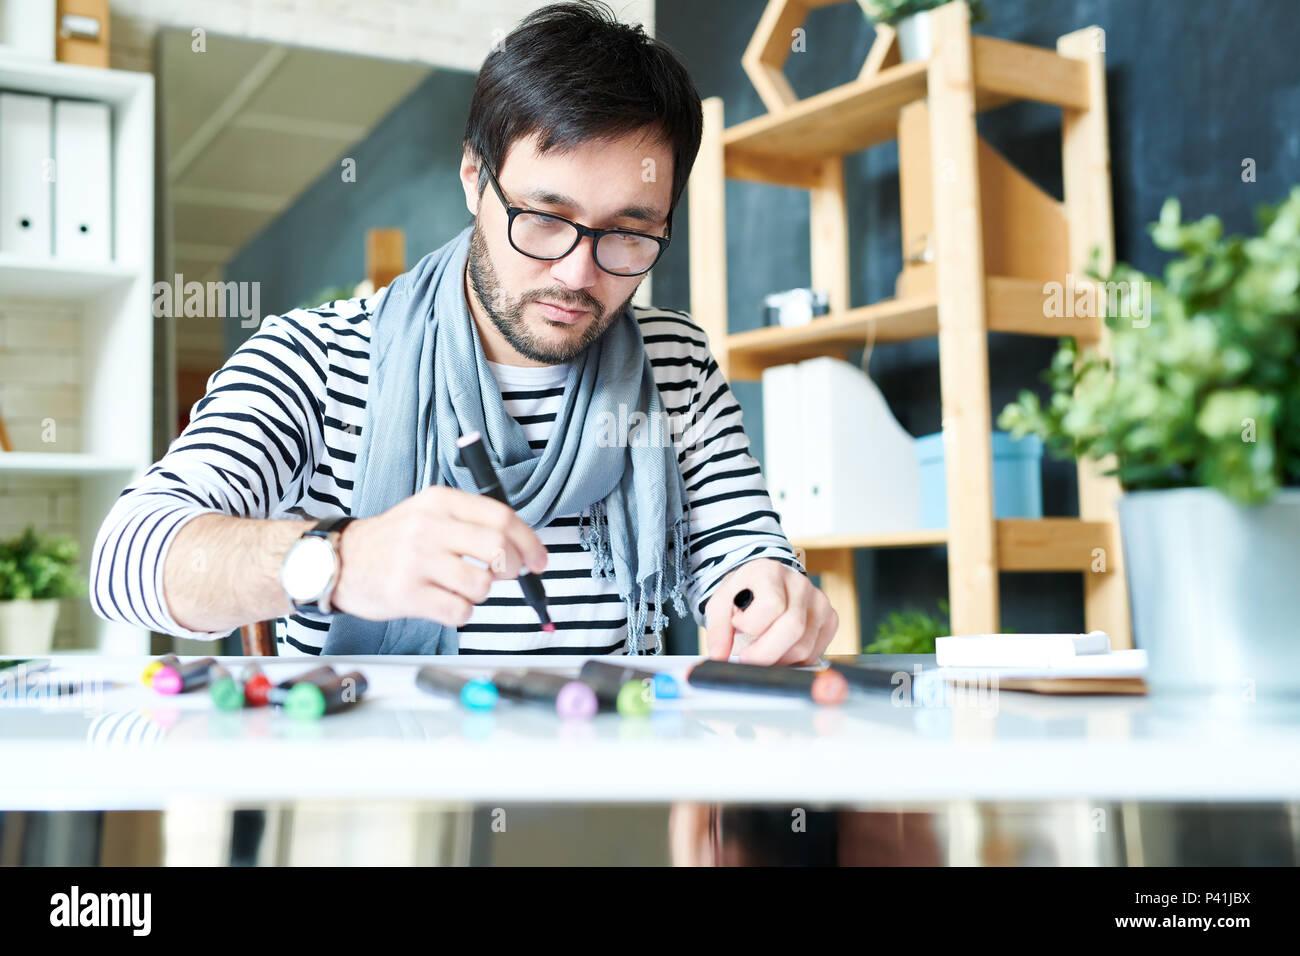 Hombre Barbado trabajando en nueva pintura Foto de stock